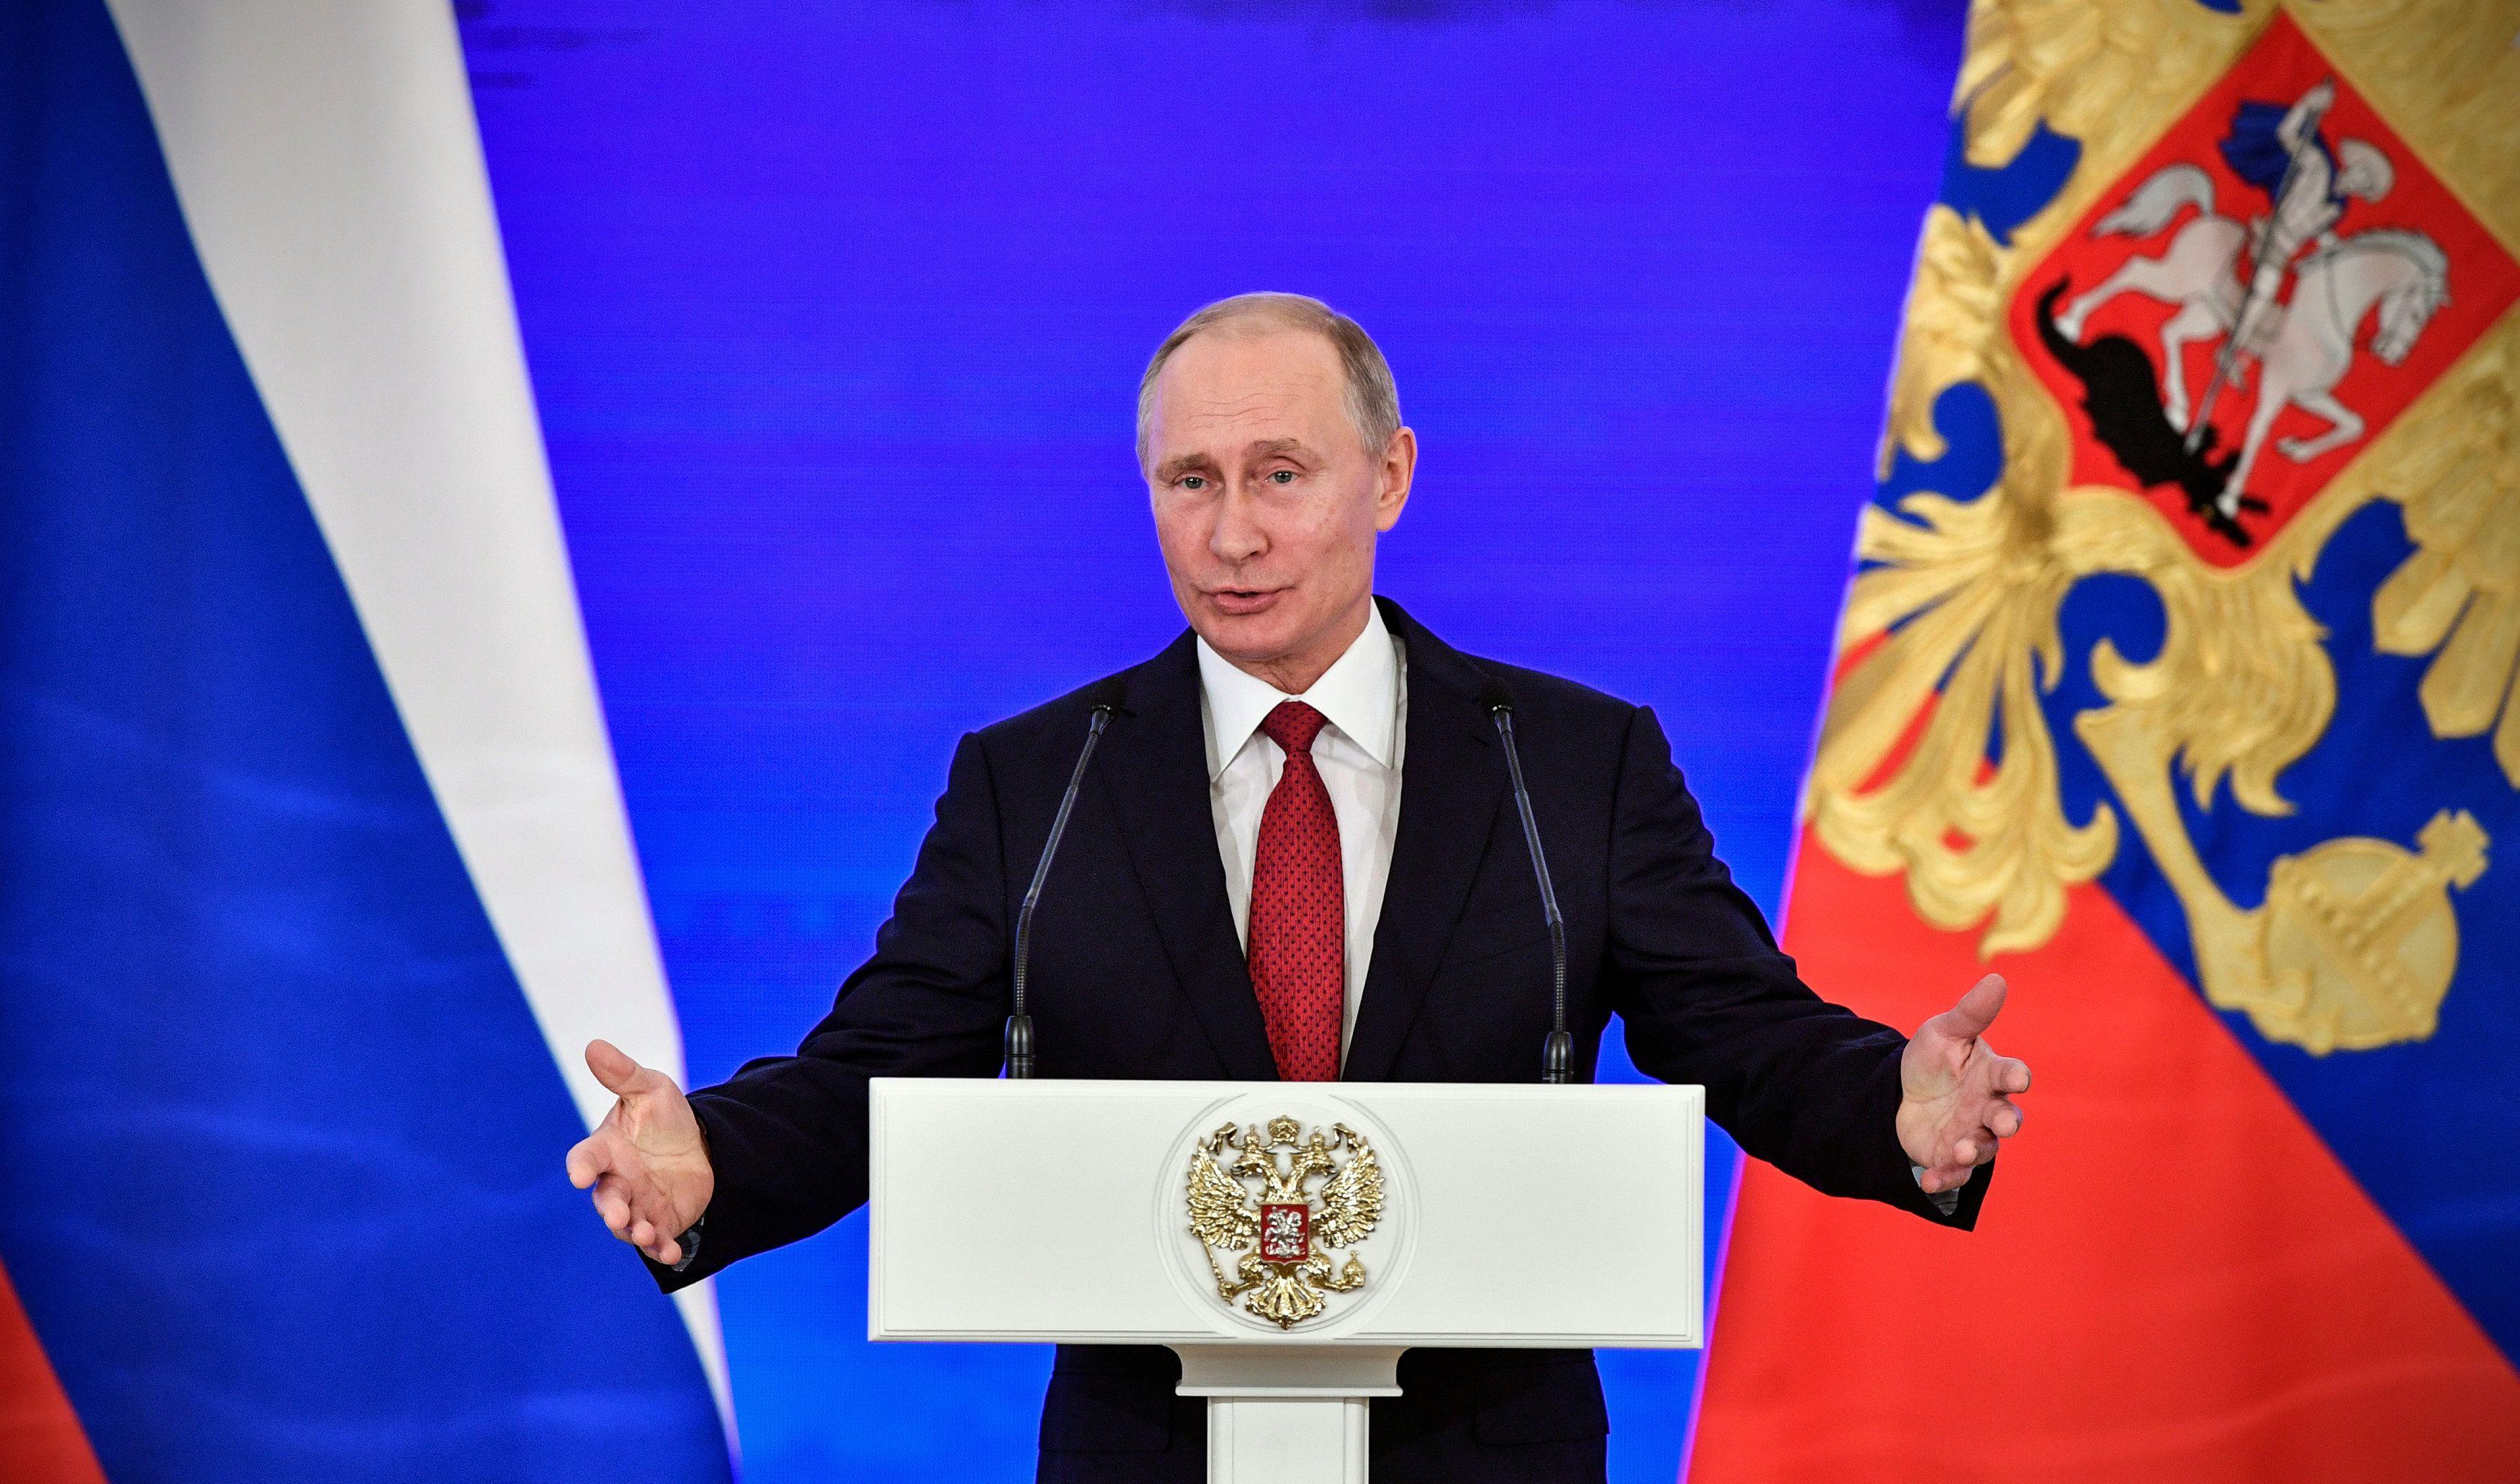 На выборы не пойдут те, кто не хочет поддерживать Владимира Путина, сказал эксперт